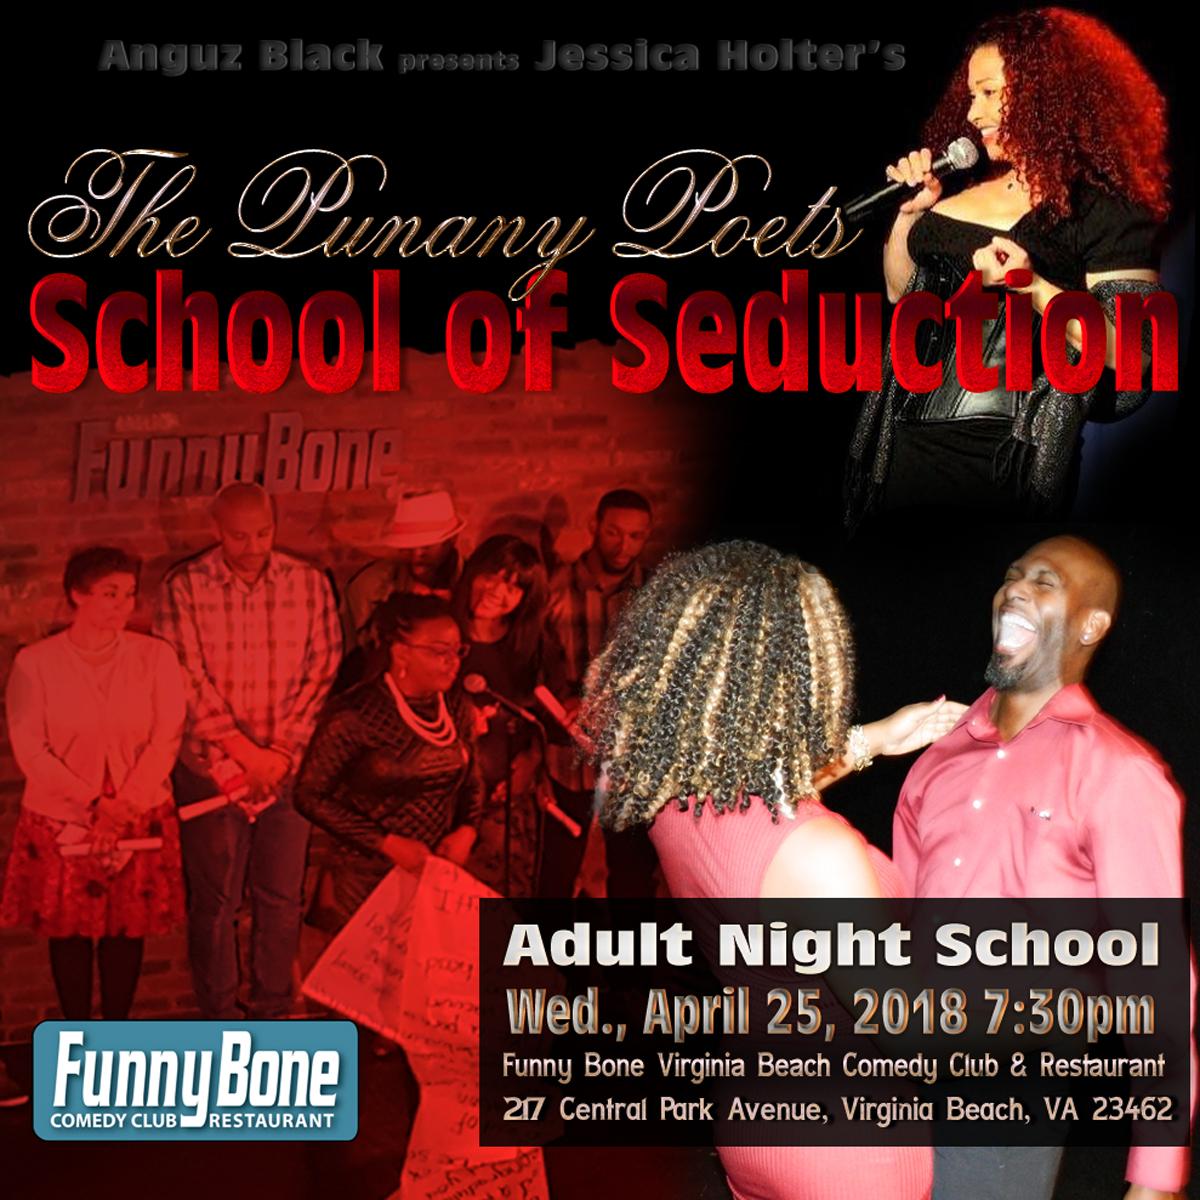 Va Beach Funny Bone - The Premier Comedy Club Pertaining To Comedy Club Virginia Beach Calendar